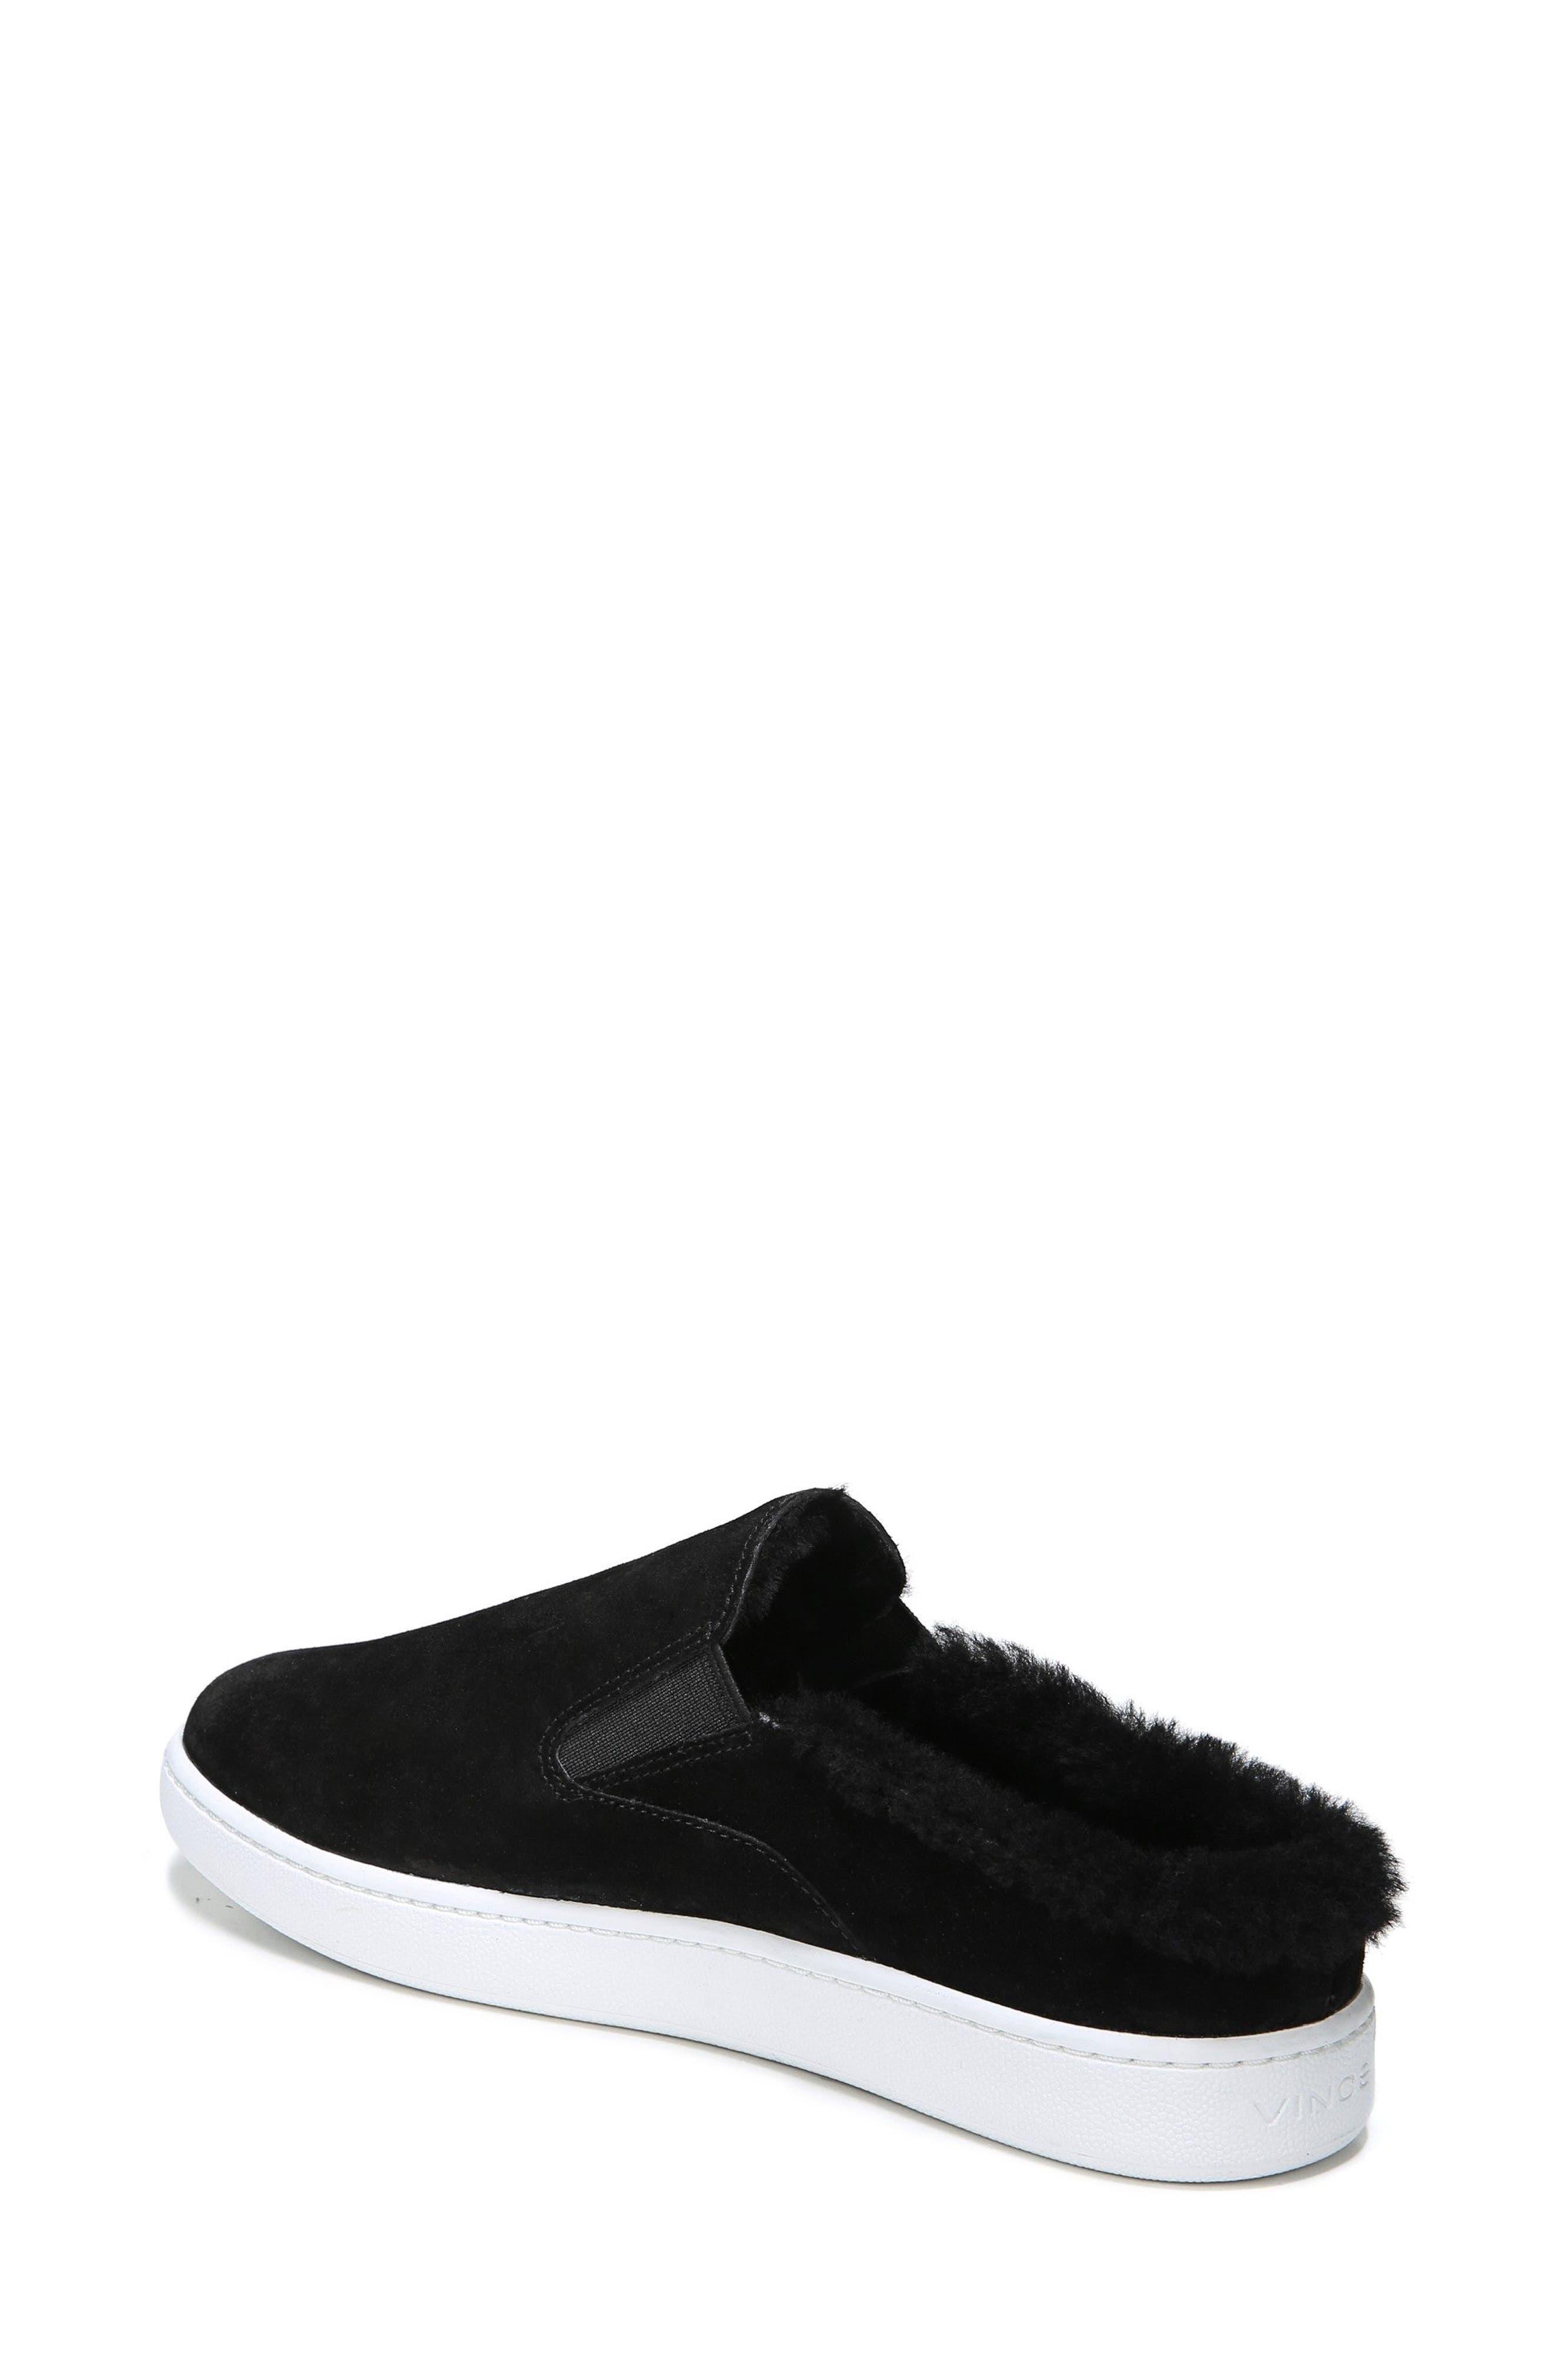 Verrell Genuine Shearling Slip-On Sneaker,                             Alternate thumbnail 2, color,                             001